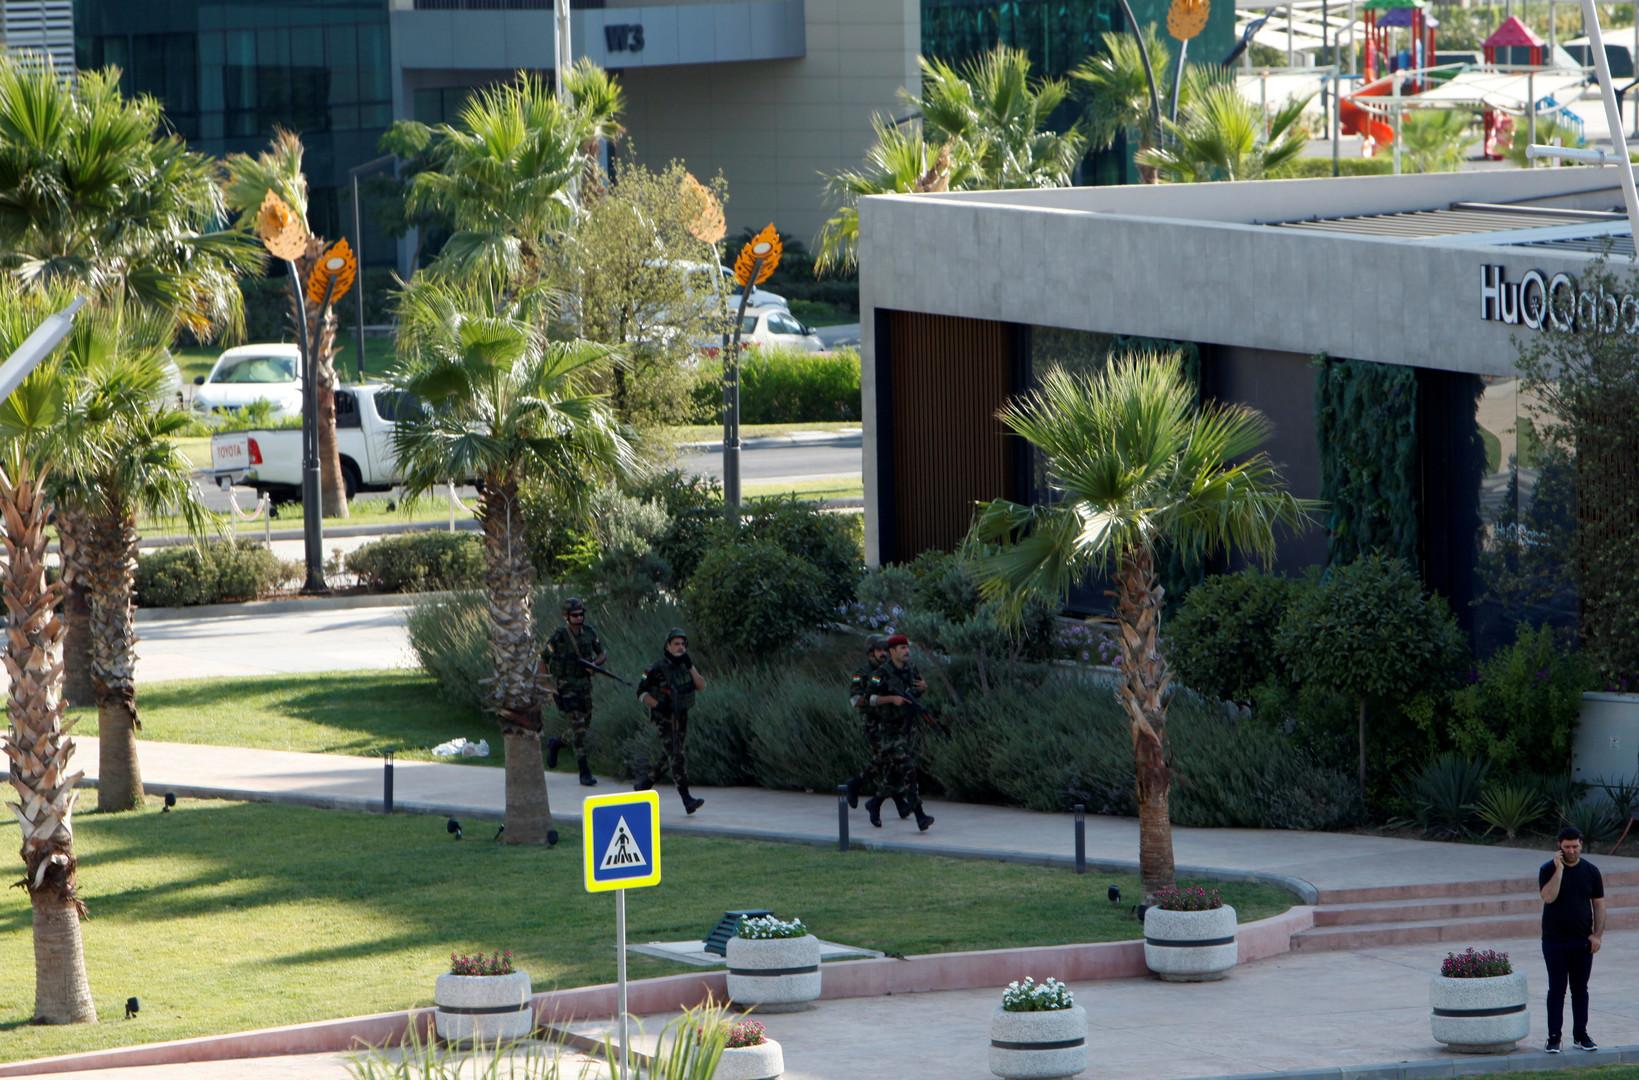 سلطات كردستان العراق تلقي القبض على متهمين باغتيال الدبلوماسي التركي في أربيل